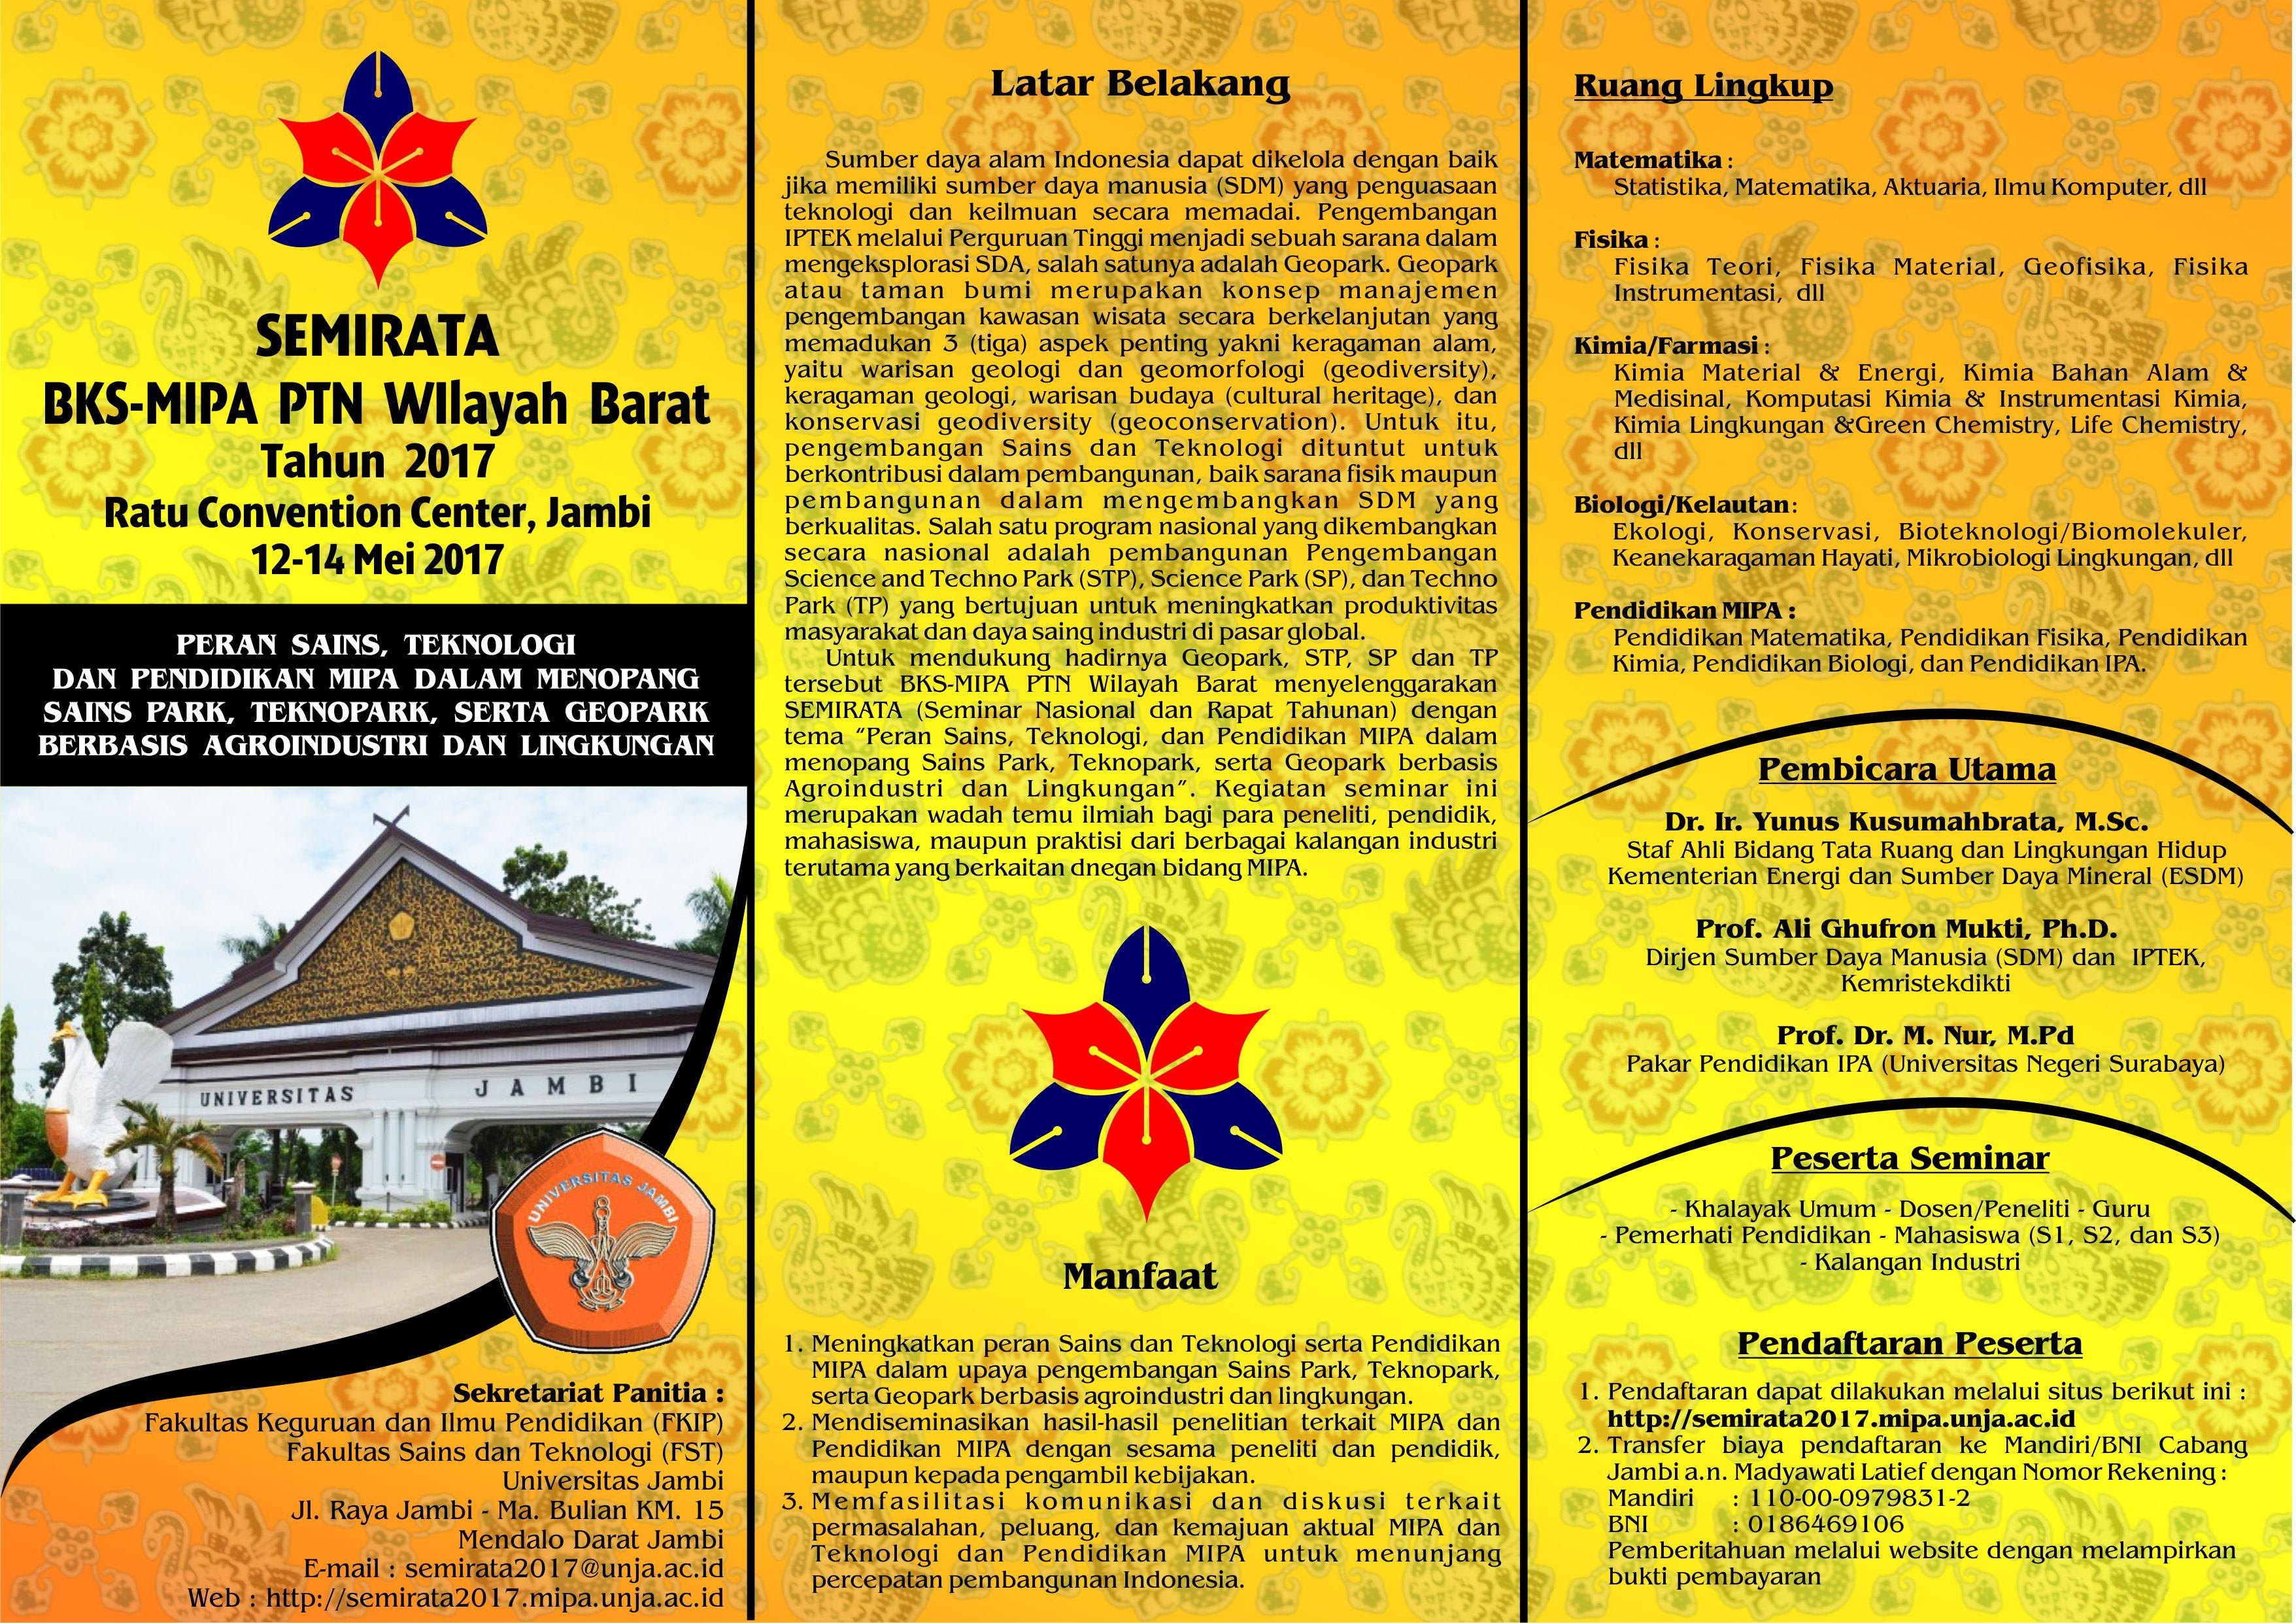 Brosur Pelaksanaan Semirata 2017 MIPA